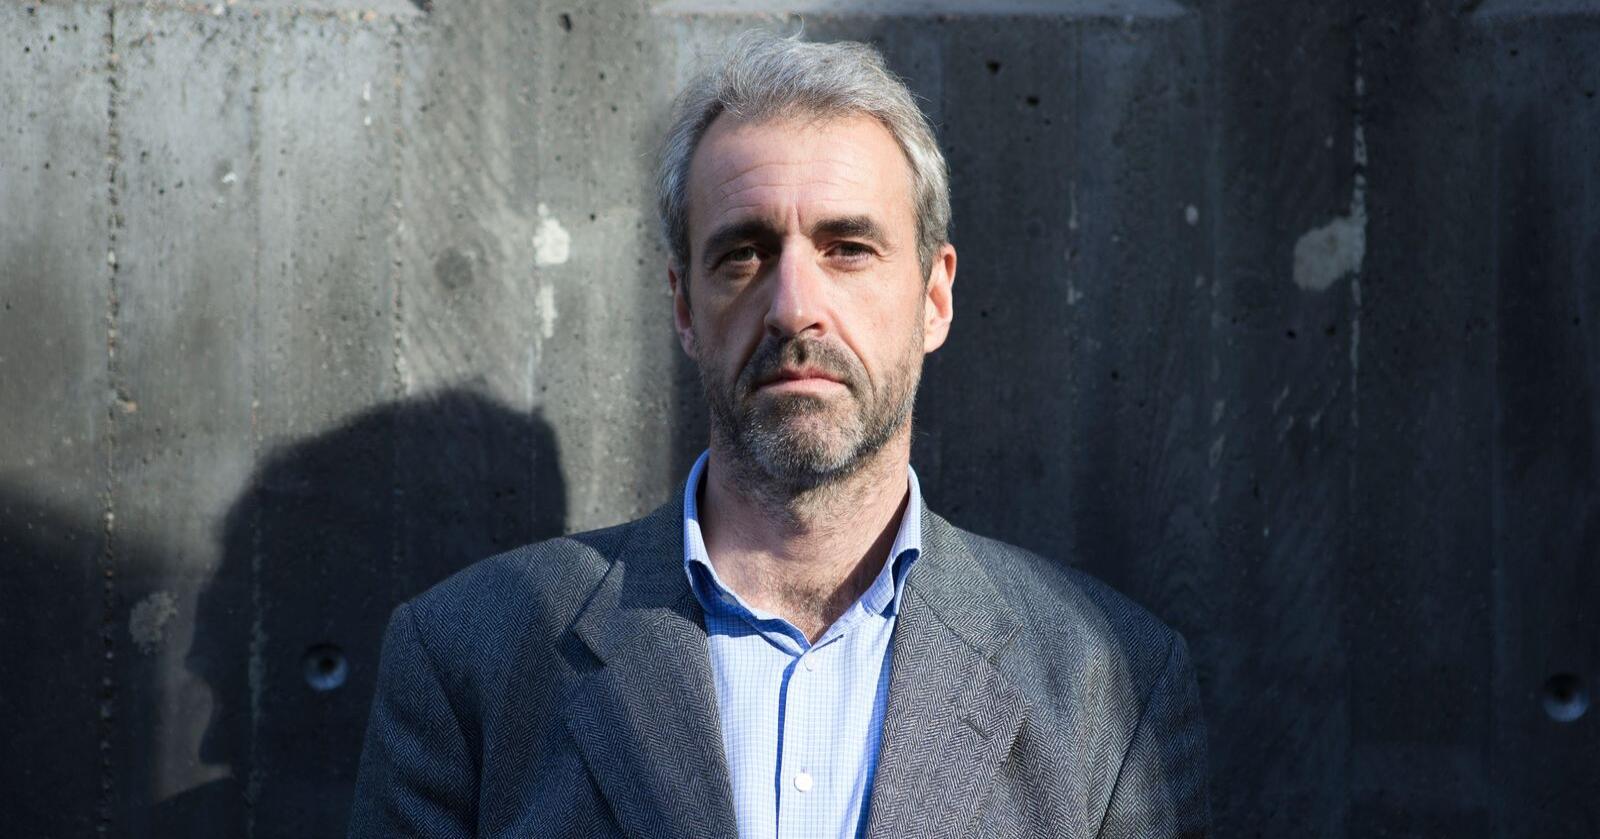 Olaf Thommessen frykter at det kommer et ras av konkurser hos små og mellomstore bedrifter i kjølvannet av koronakrisen. Foto: Torstein Bøe / NTB scanpix